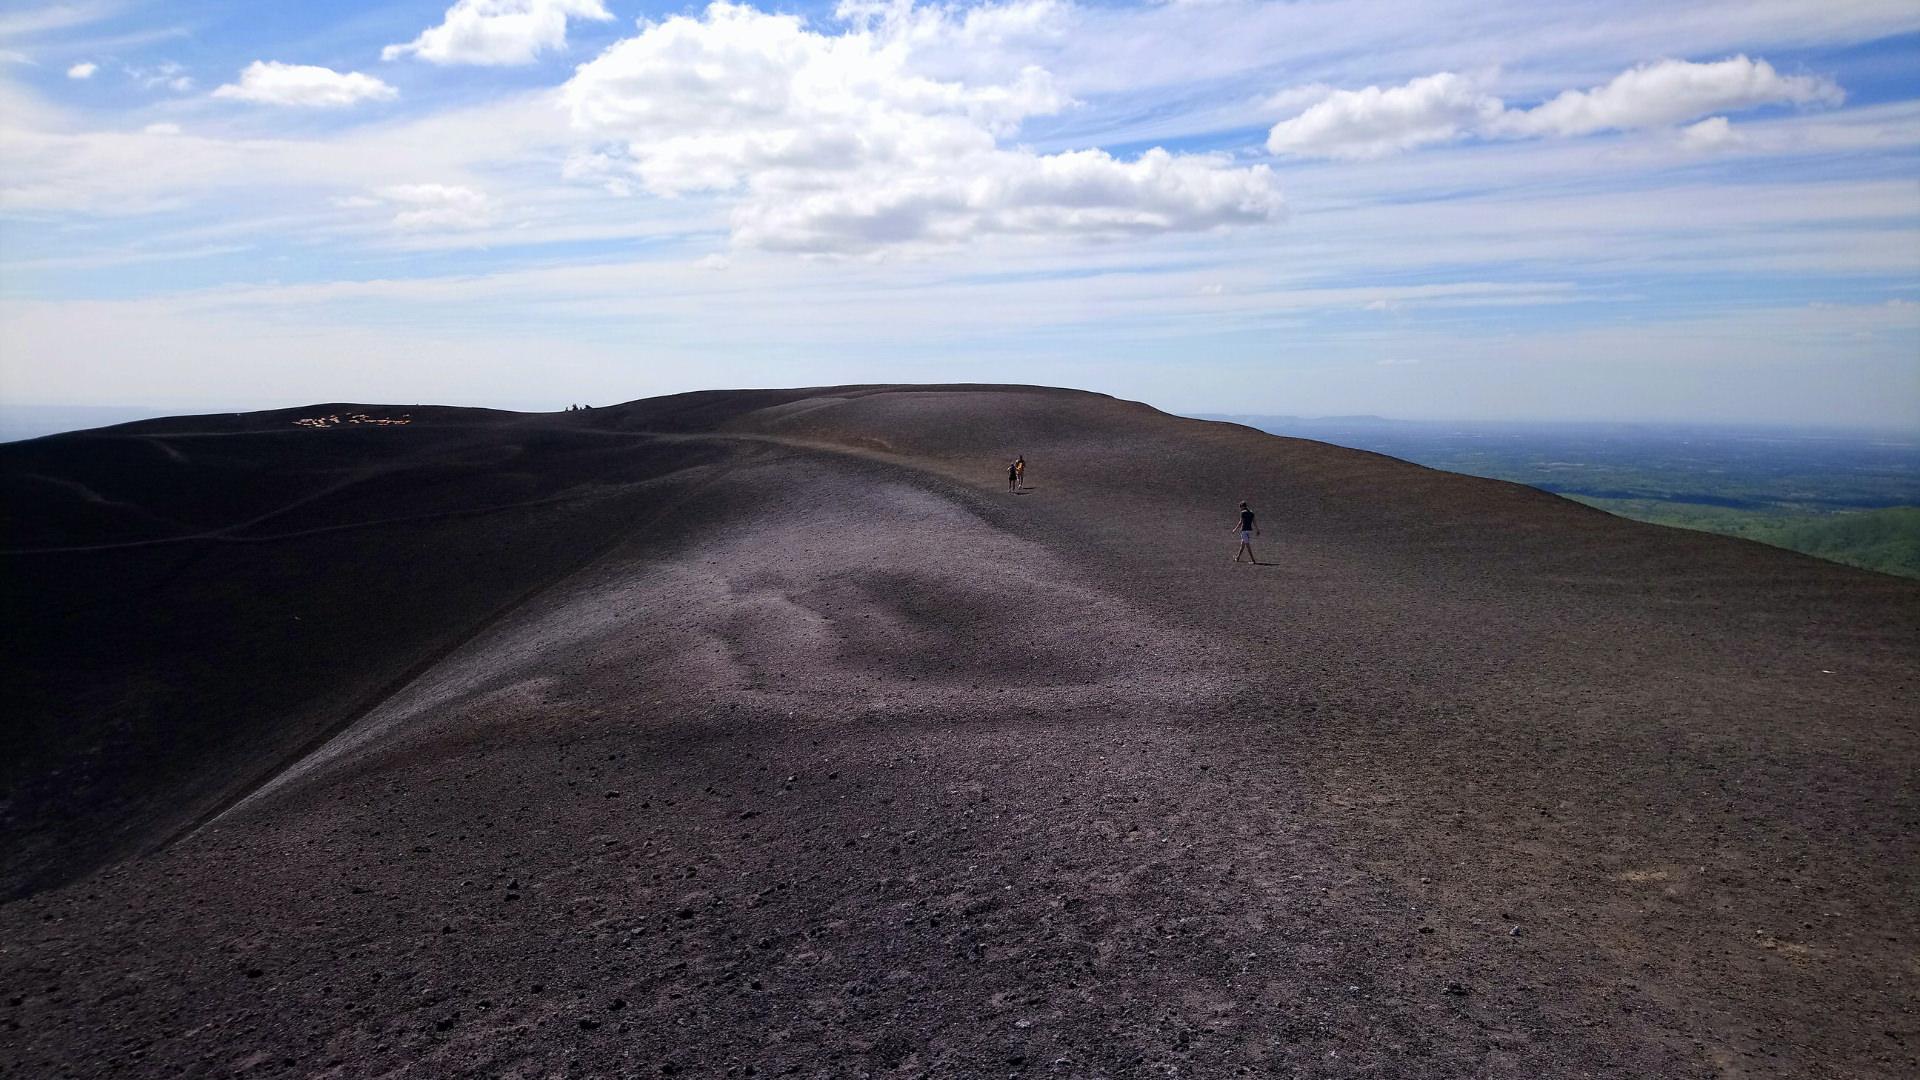 Çekip Gidilecek Topraklar: Nikaragua